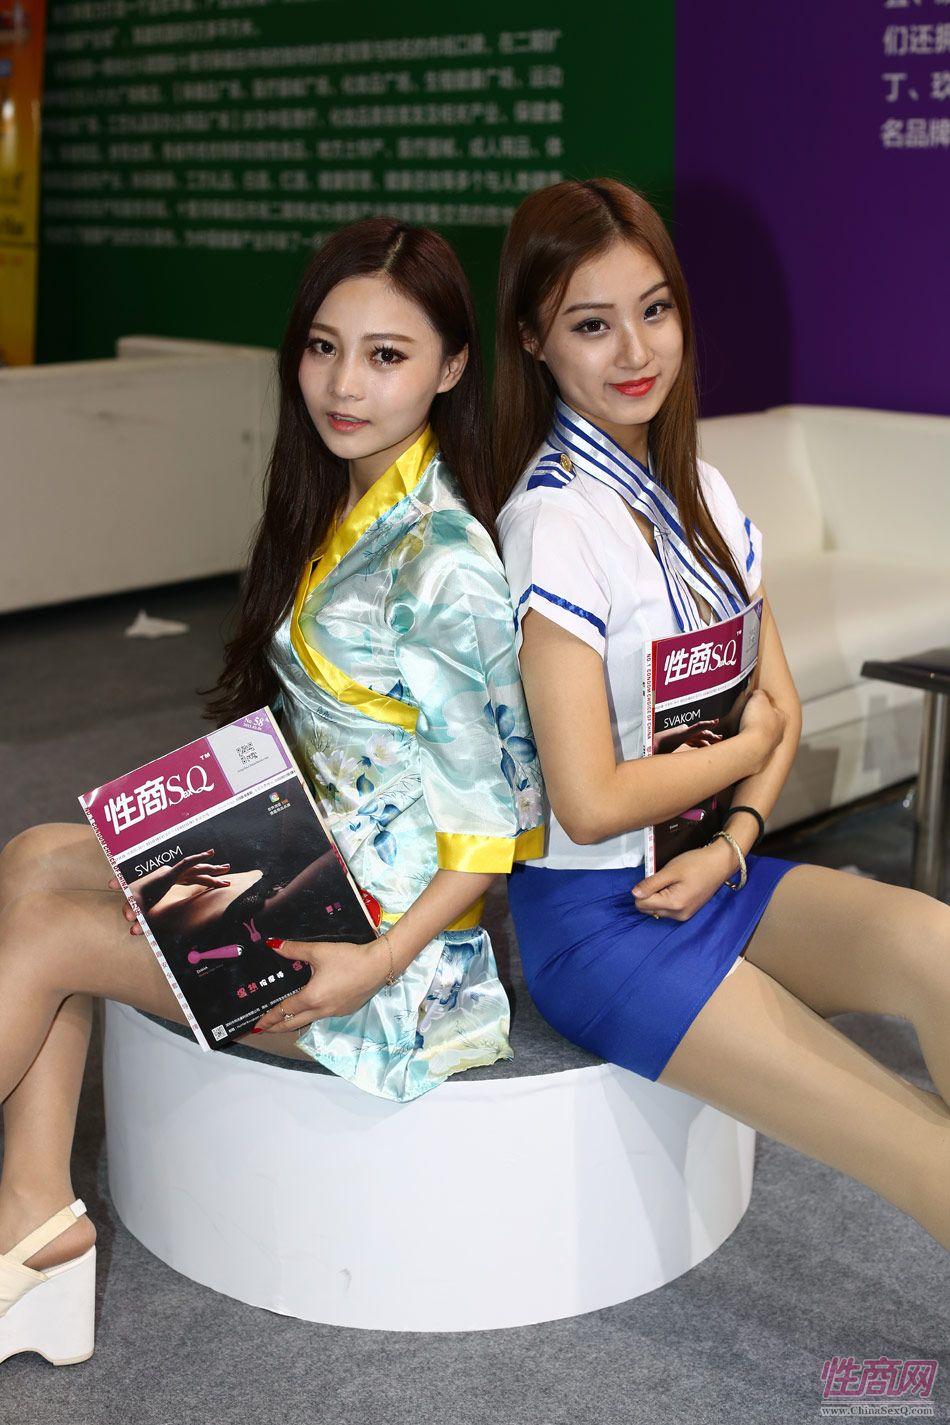 2015上海国际成人展――性感模特(1)图片43